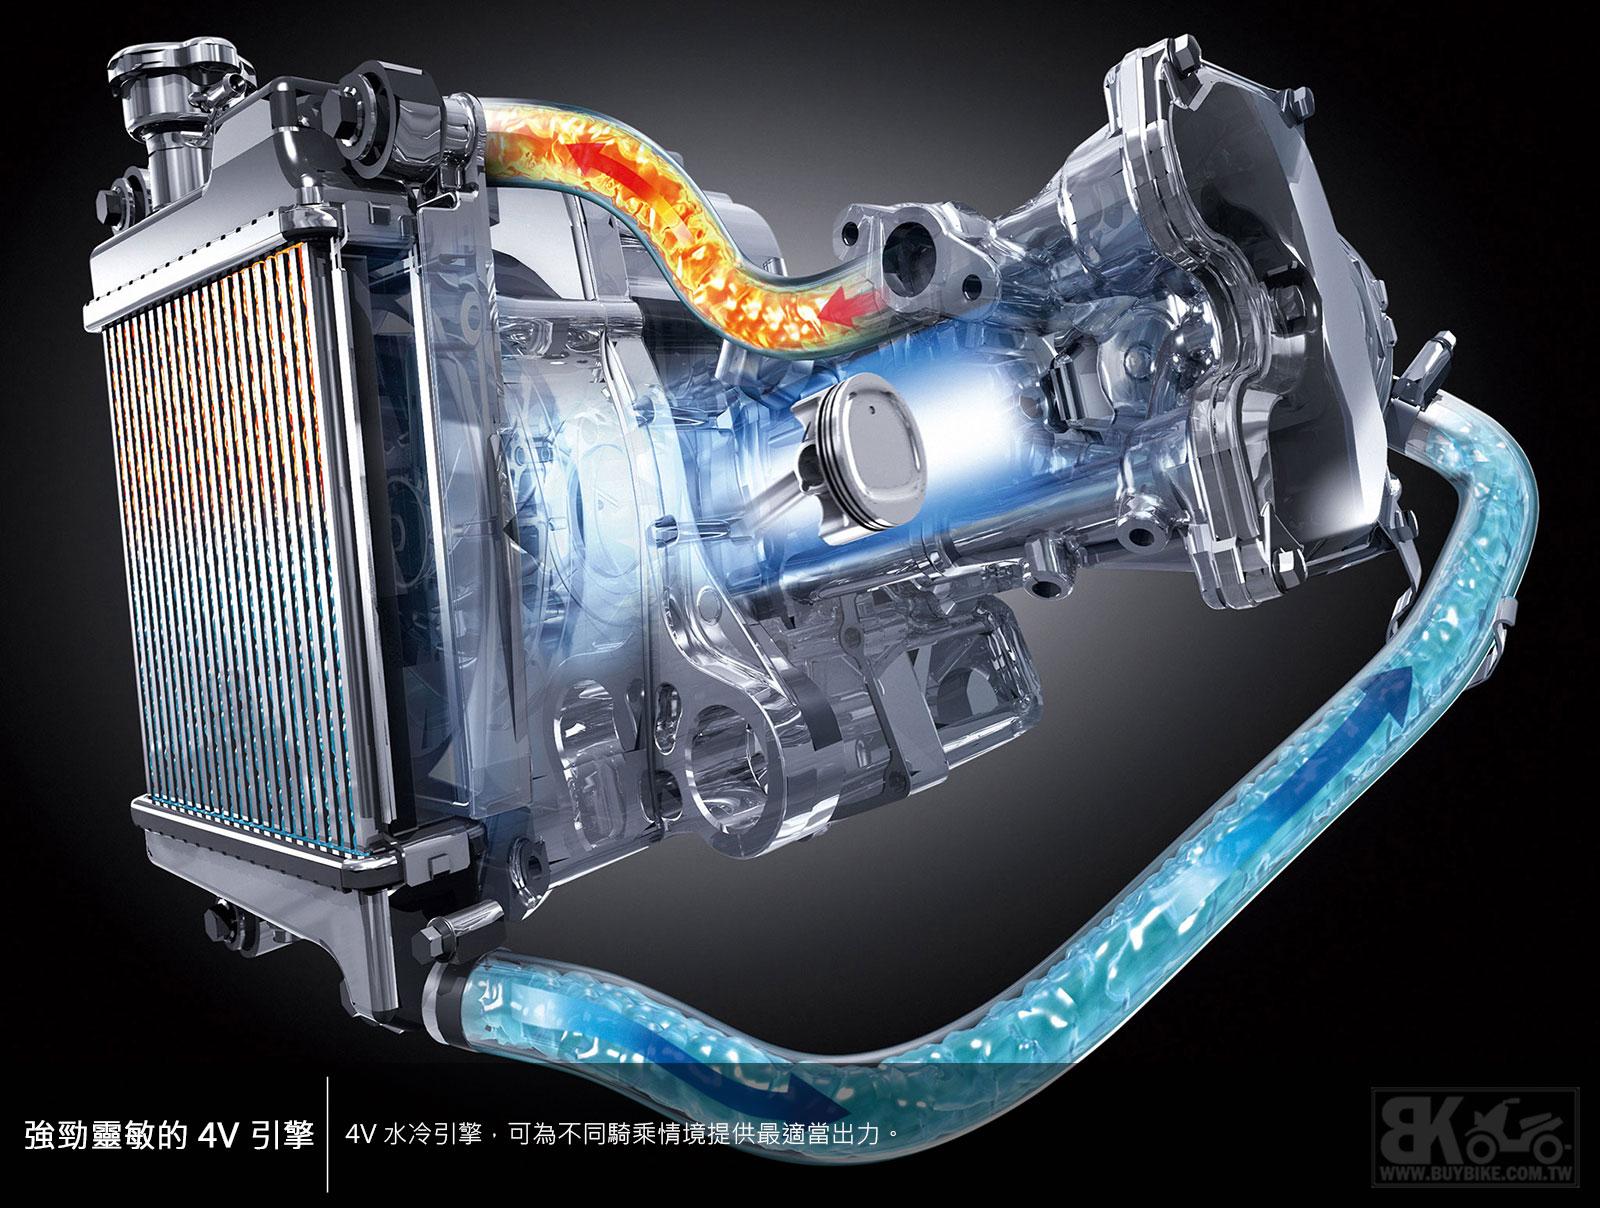 04.強勁靈敏的-4V-引擎